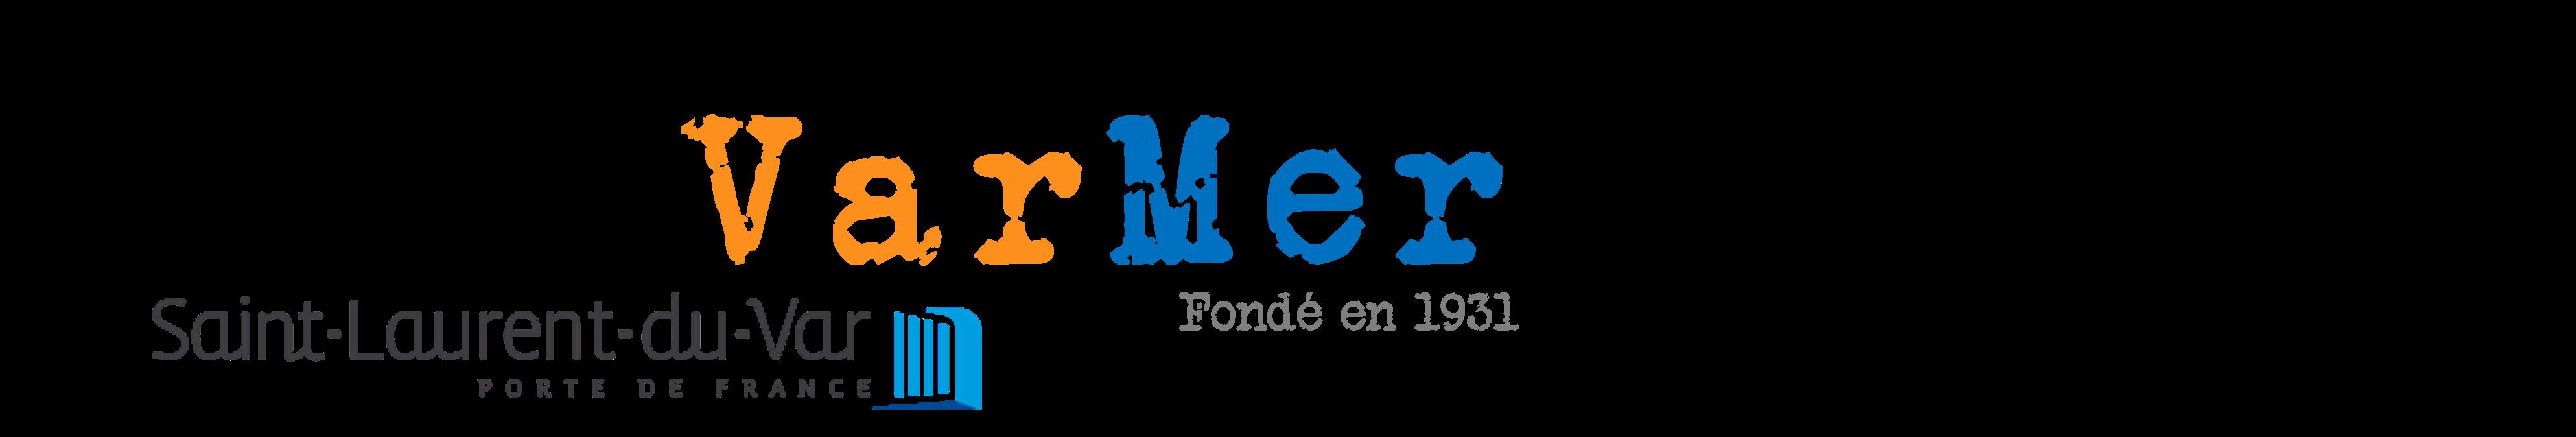 Club Var Mer à Saint-Laurent-du-Var (06) : club et école de voile pour apprendre la voile en catamaran, habitable, faire un stage de voile, louer un paddle ou un kayak Logo